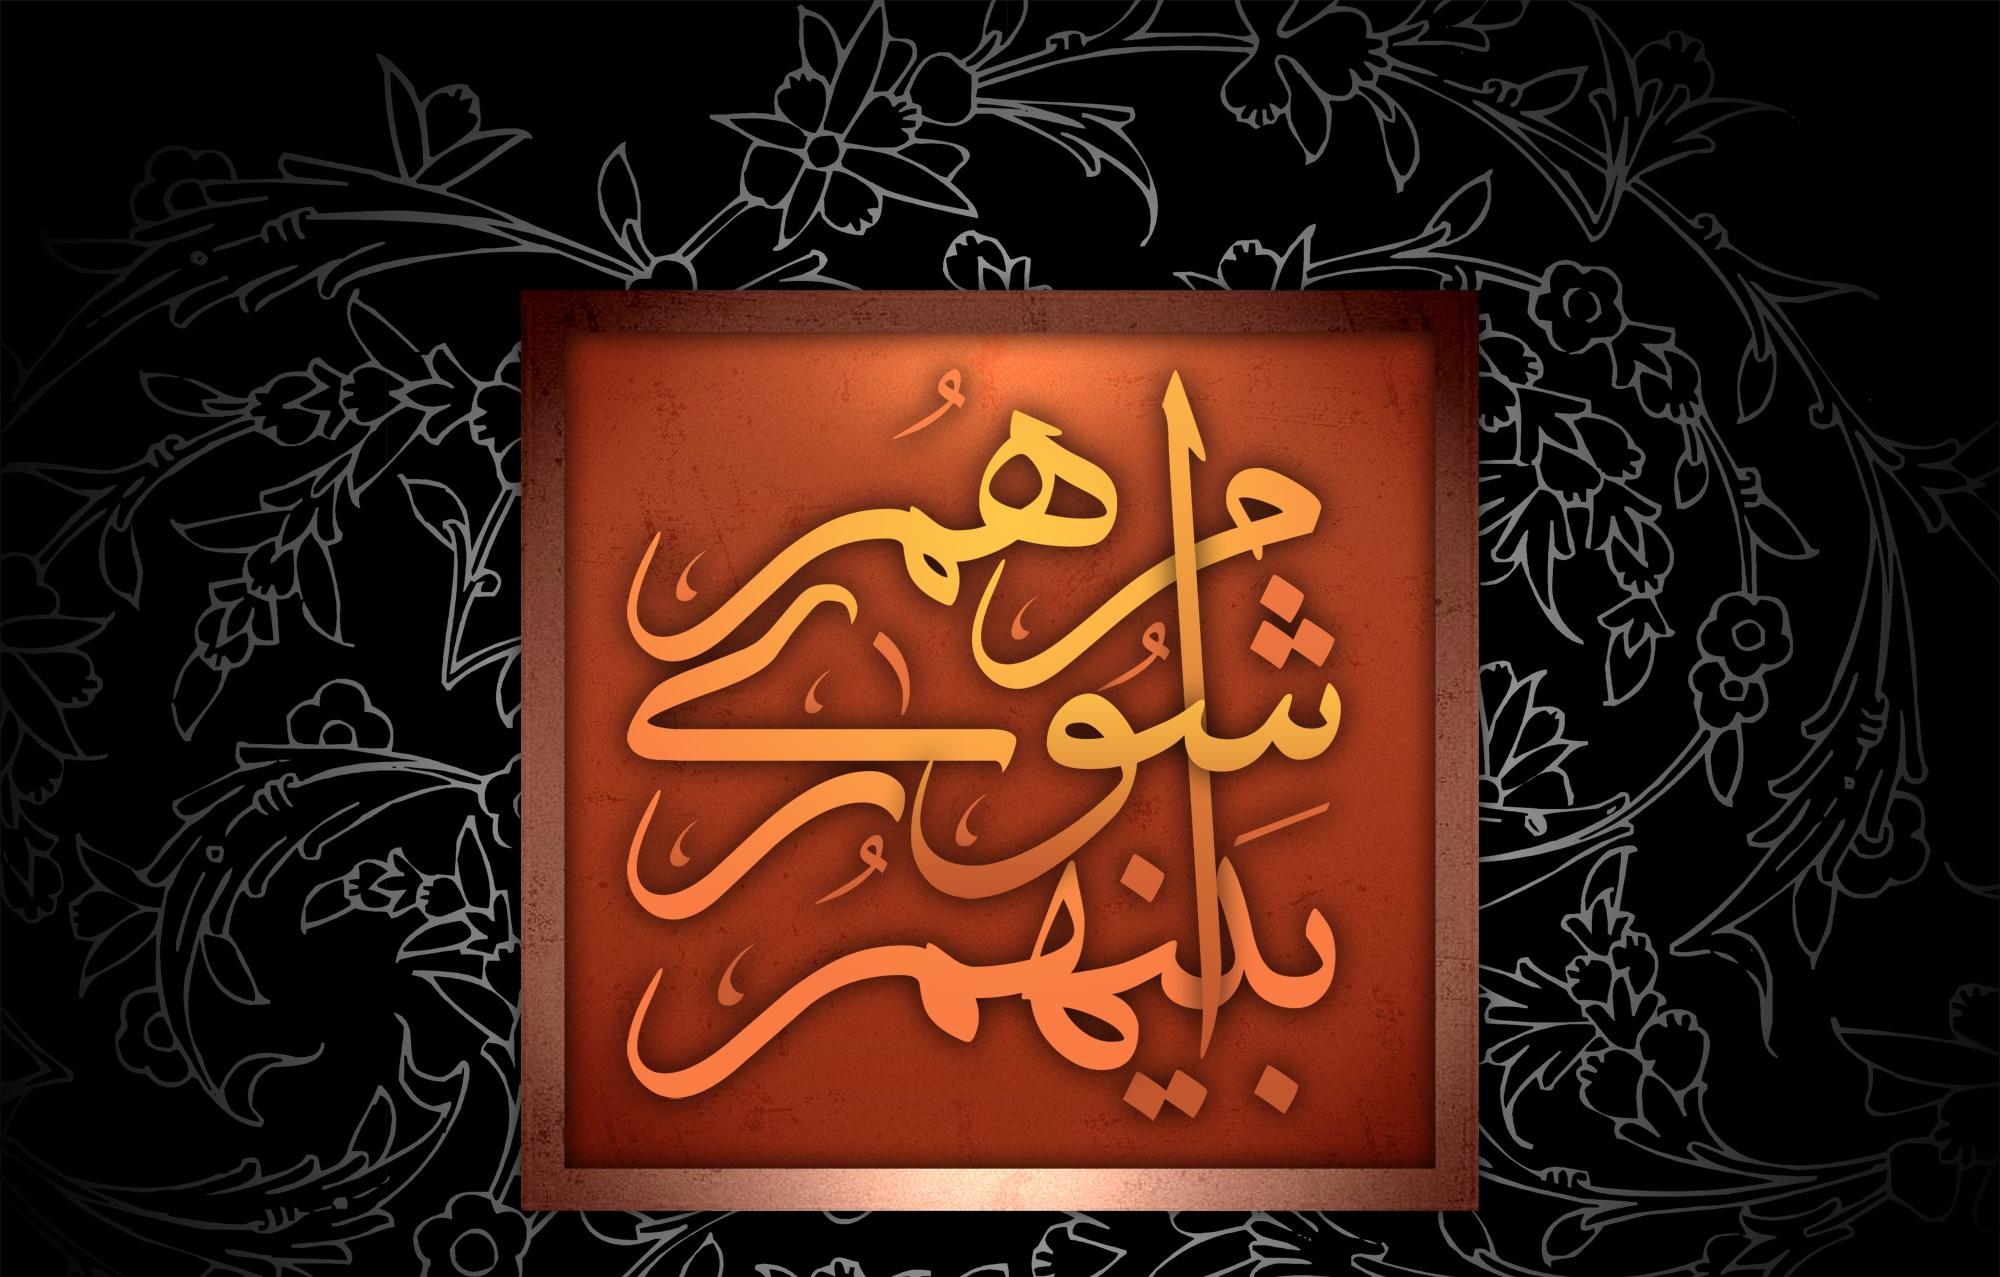 شورای اسلامی یا شورای مفاسد انسانی!؟